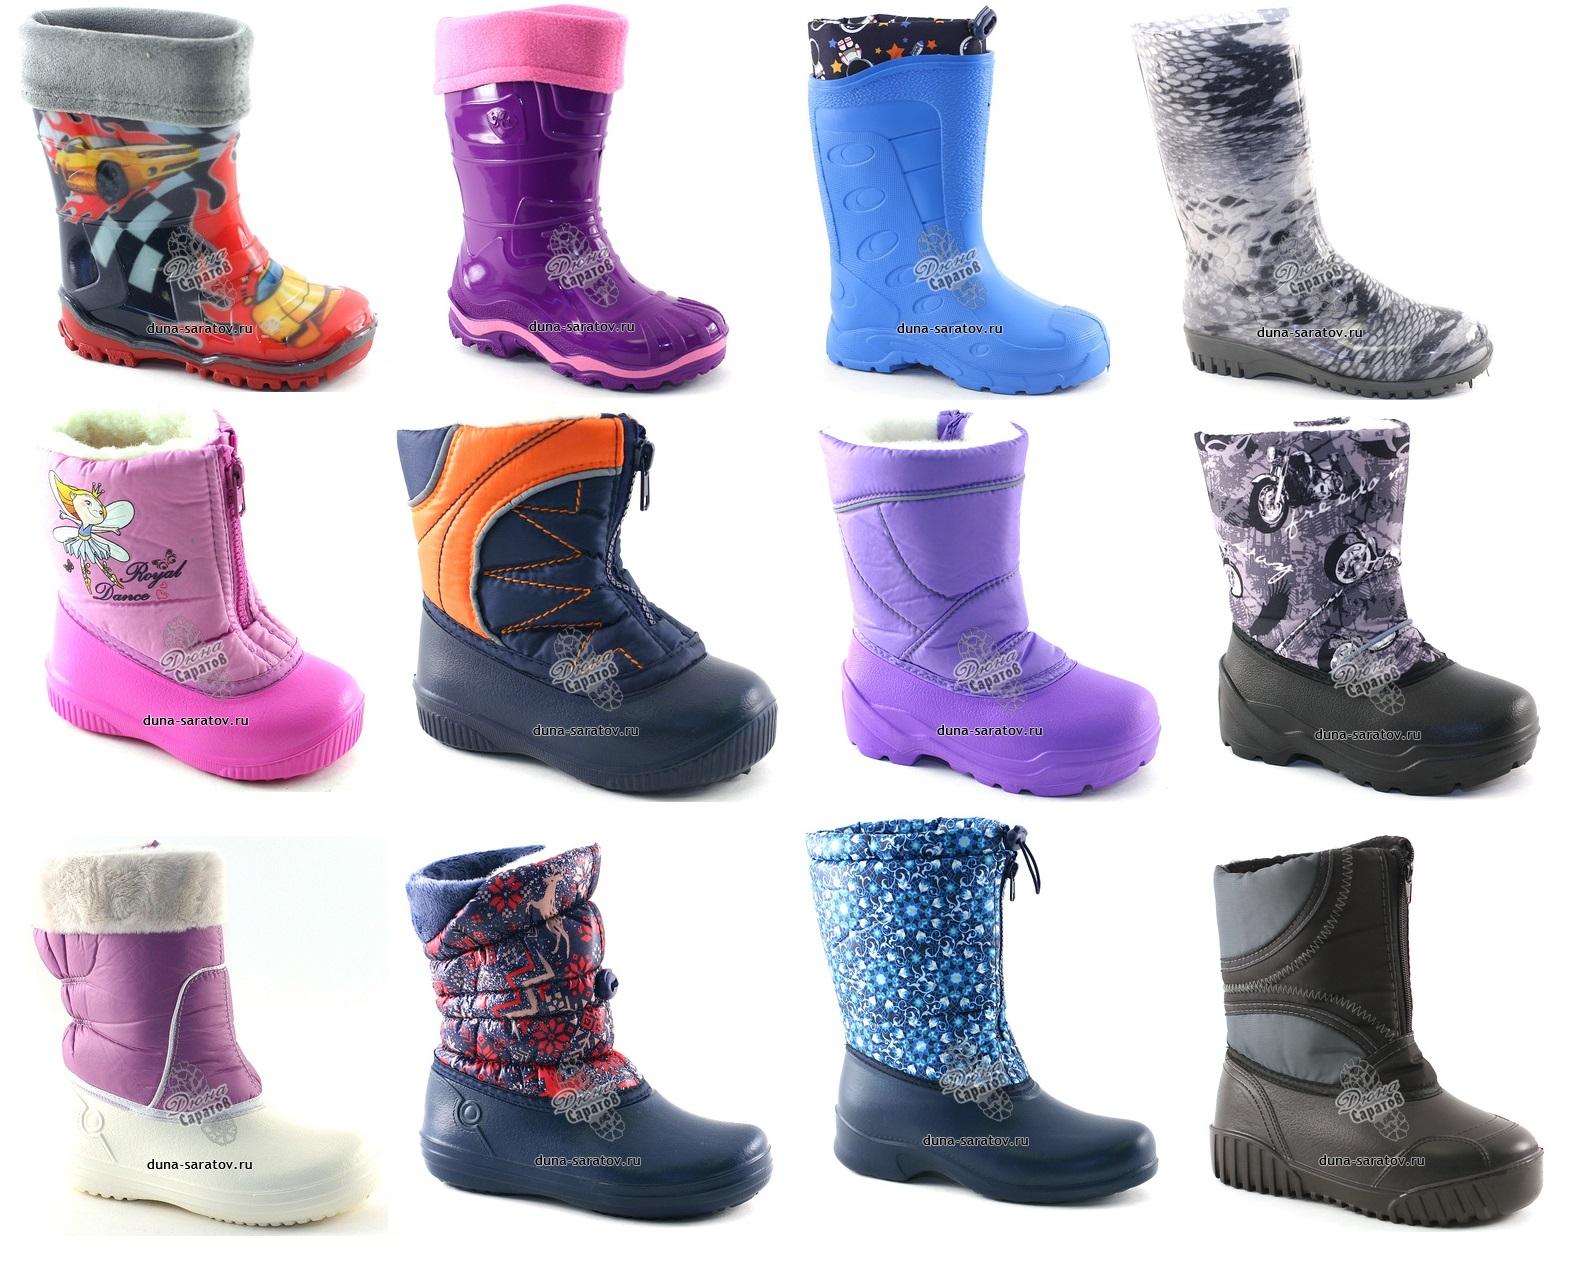 Обувь ПВХ, ЭВА - для всей семьи 8. Дутики, сапоги, галоши, сланцы. Школьная обувь - туфли, балетки, ботинки, кеды, кроссовки. Низкие цены!